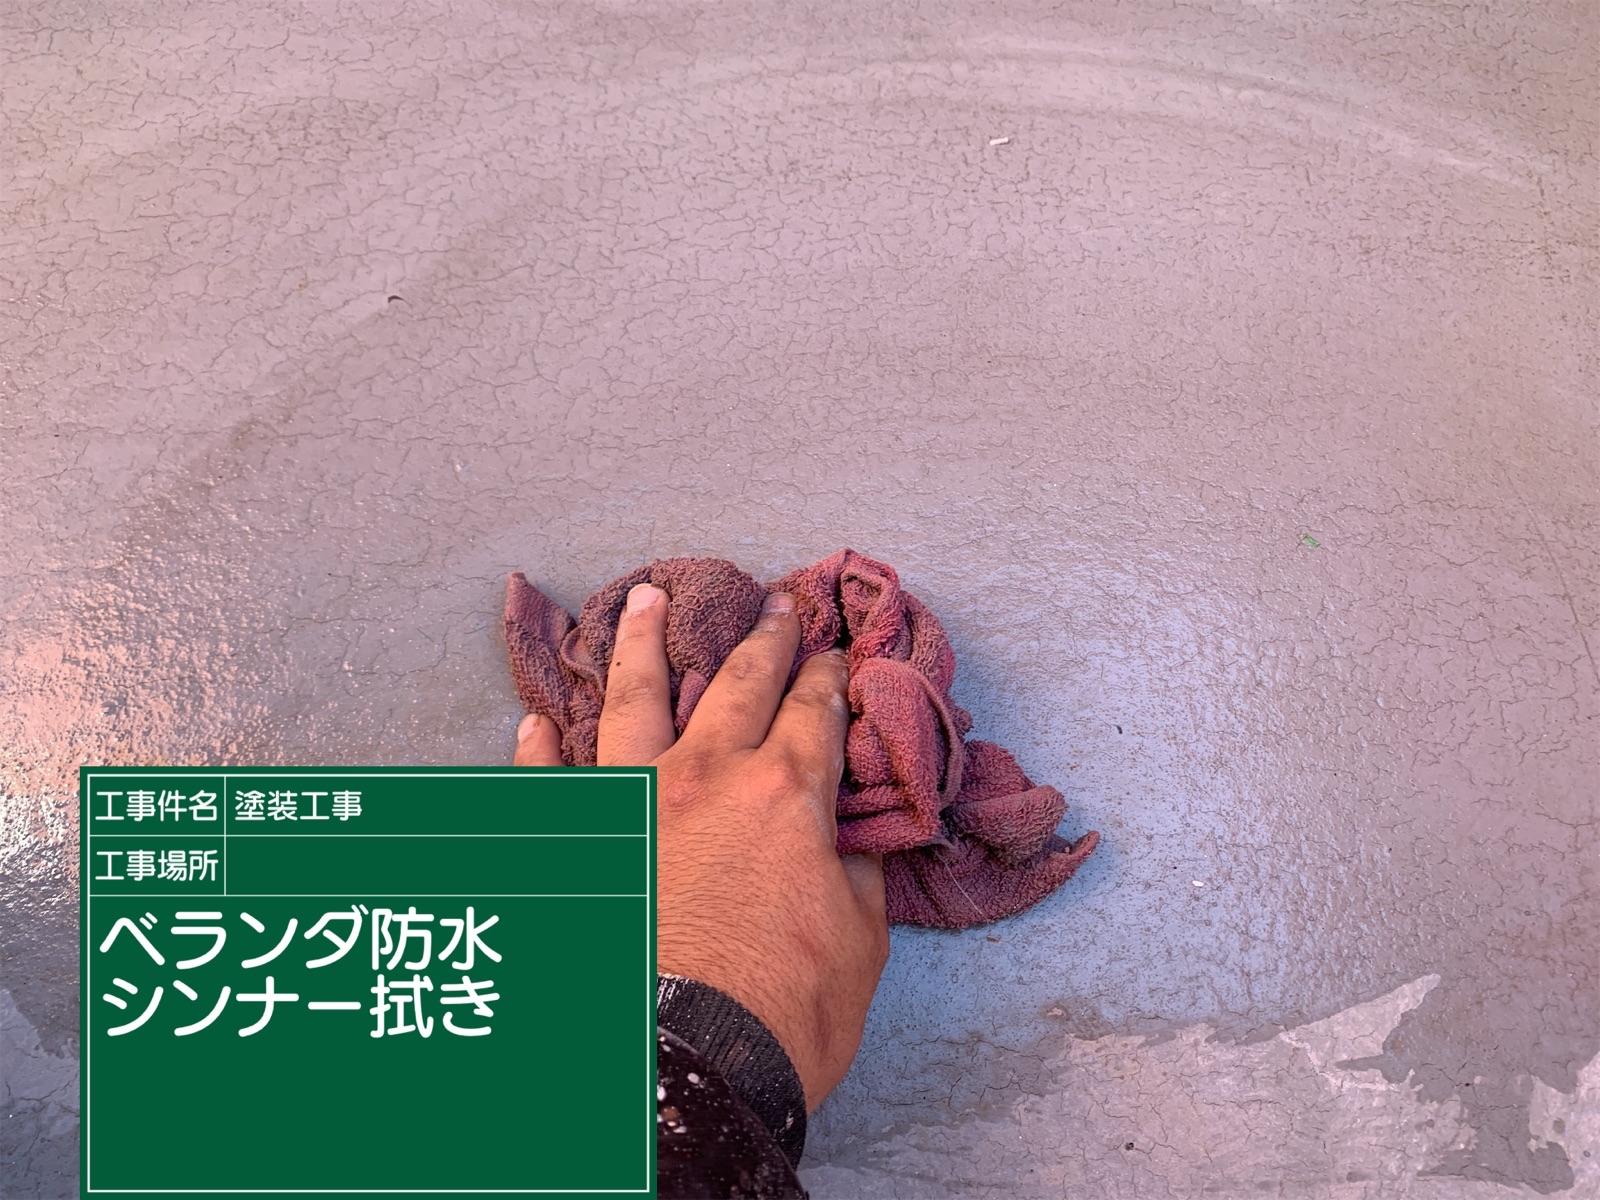 ベランダ防水シンナー拭き300016